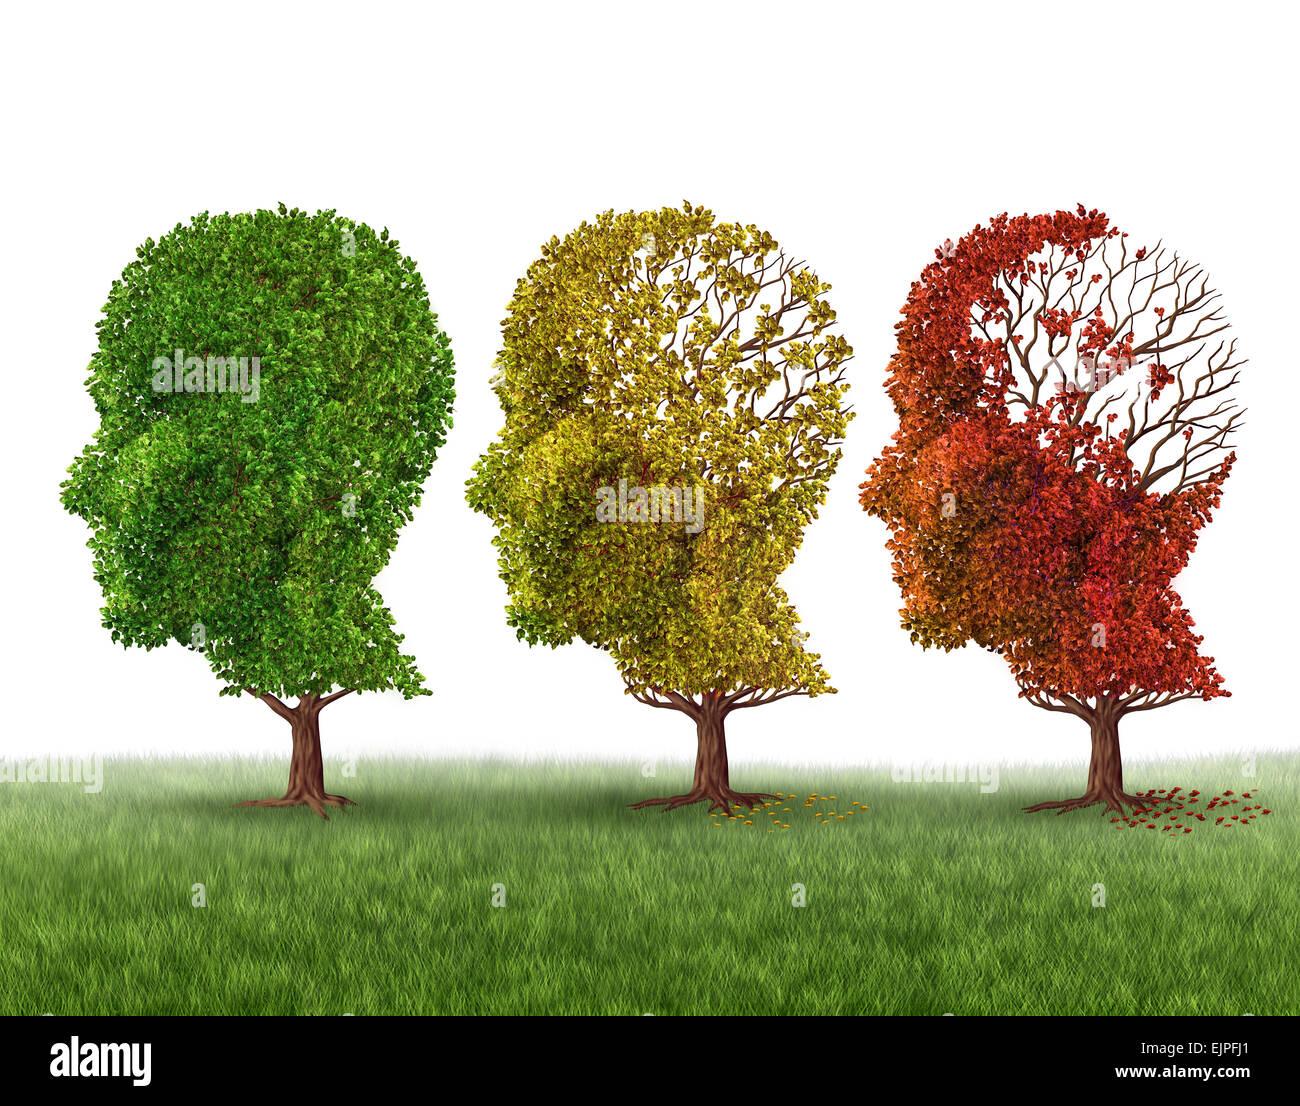 La perte de mémoire et le vieillissement du cerveau en raison de la démence et la maladie d'alzheimer Photo Stock